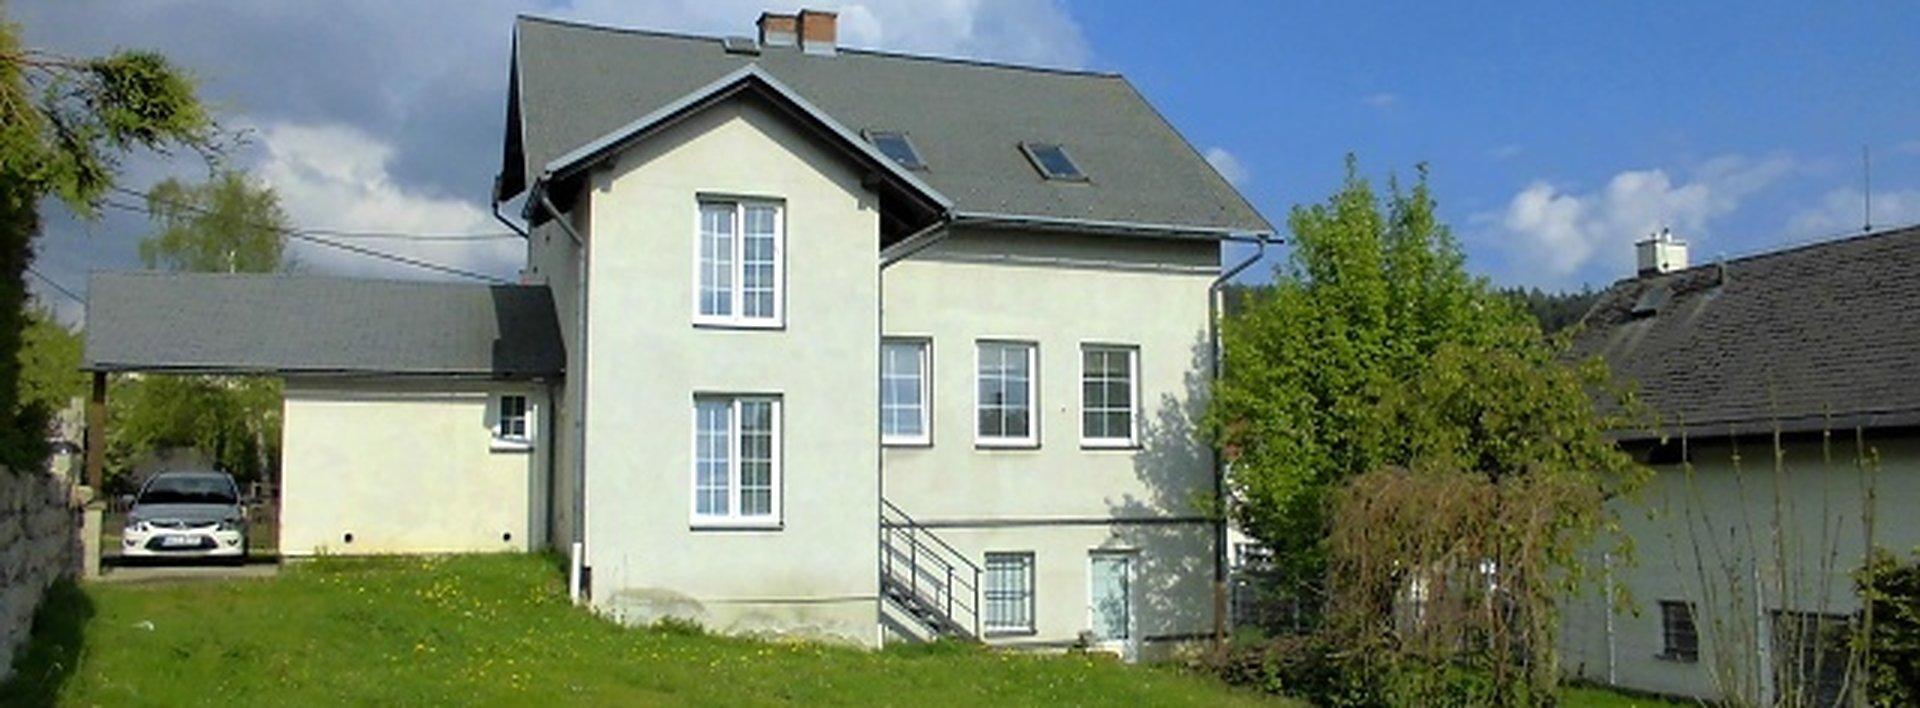 Vícegenerační rodinný dům s možností vlastního podnikání, JBC - Kokonín, Ev.č.: N46721